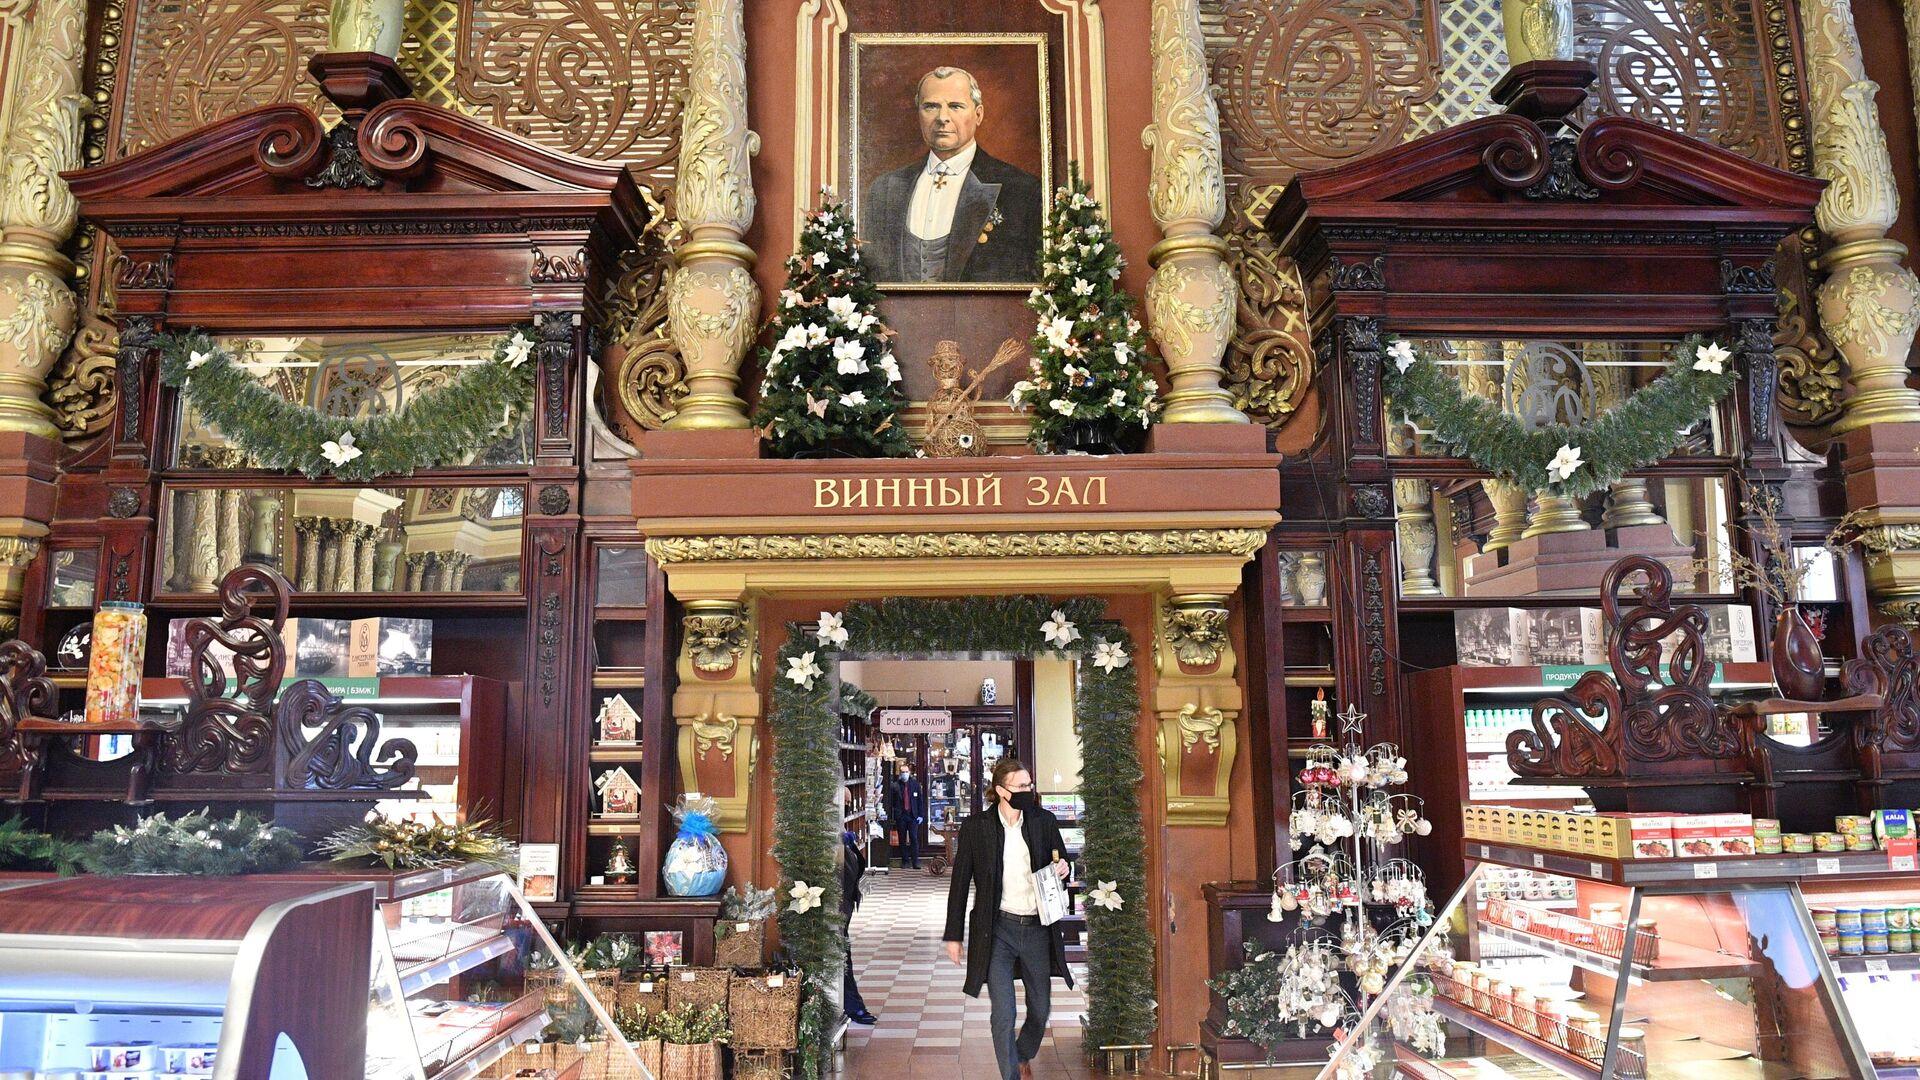 La tienda Eliséyevski en Moscú - Sputnik Mundo, 1920, 08.04.2021